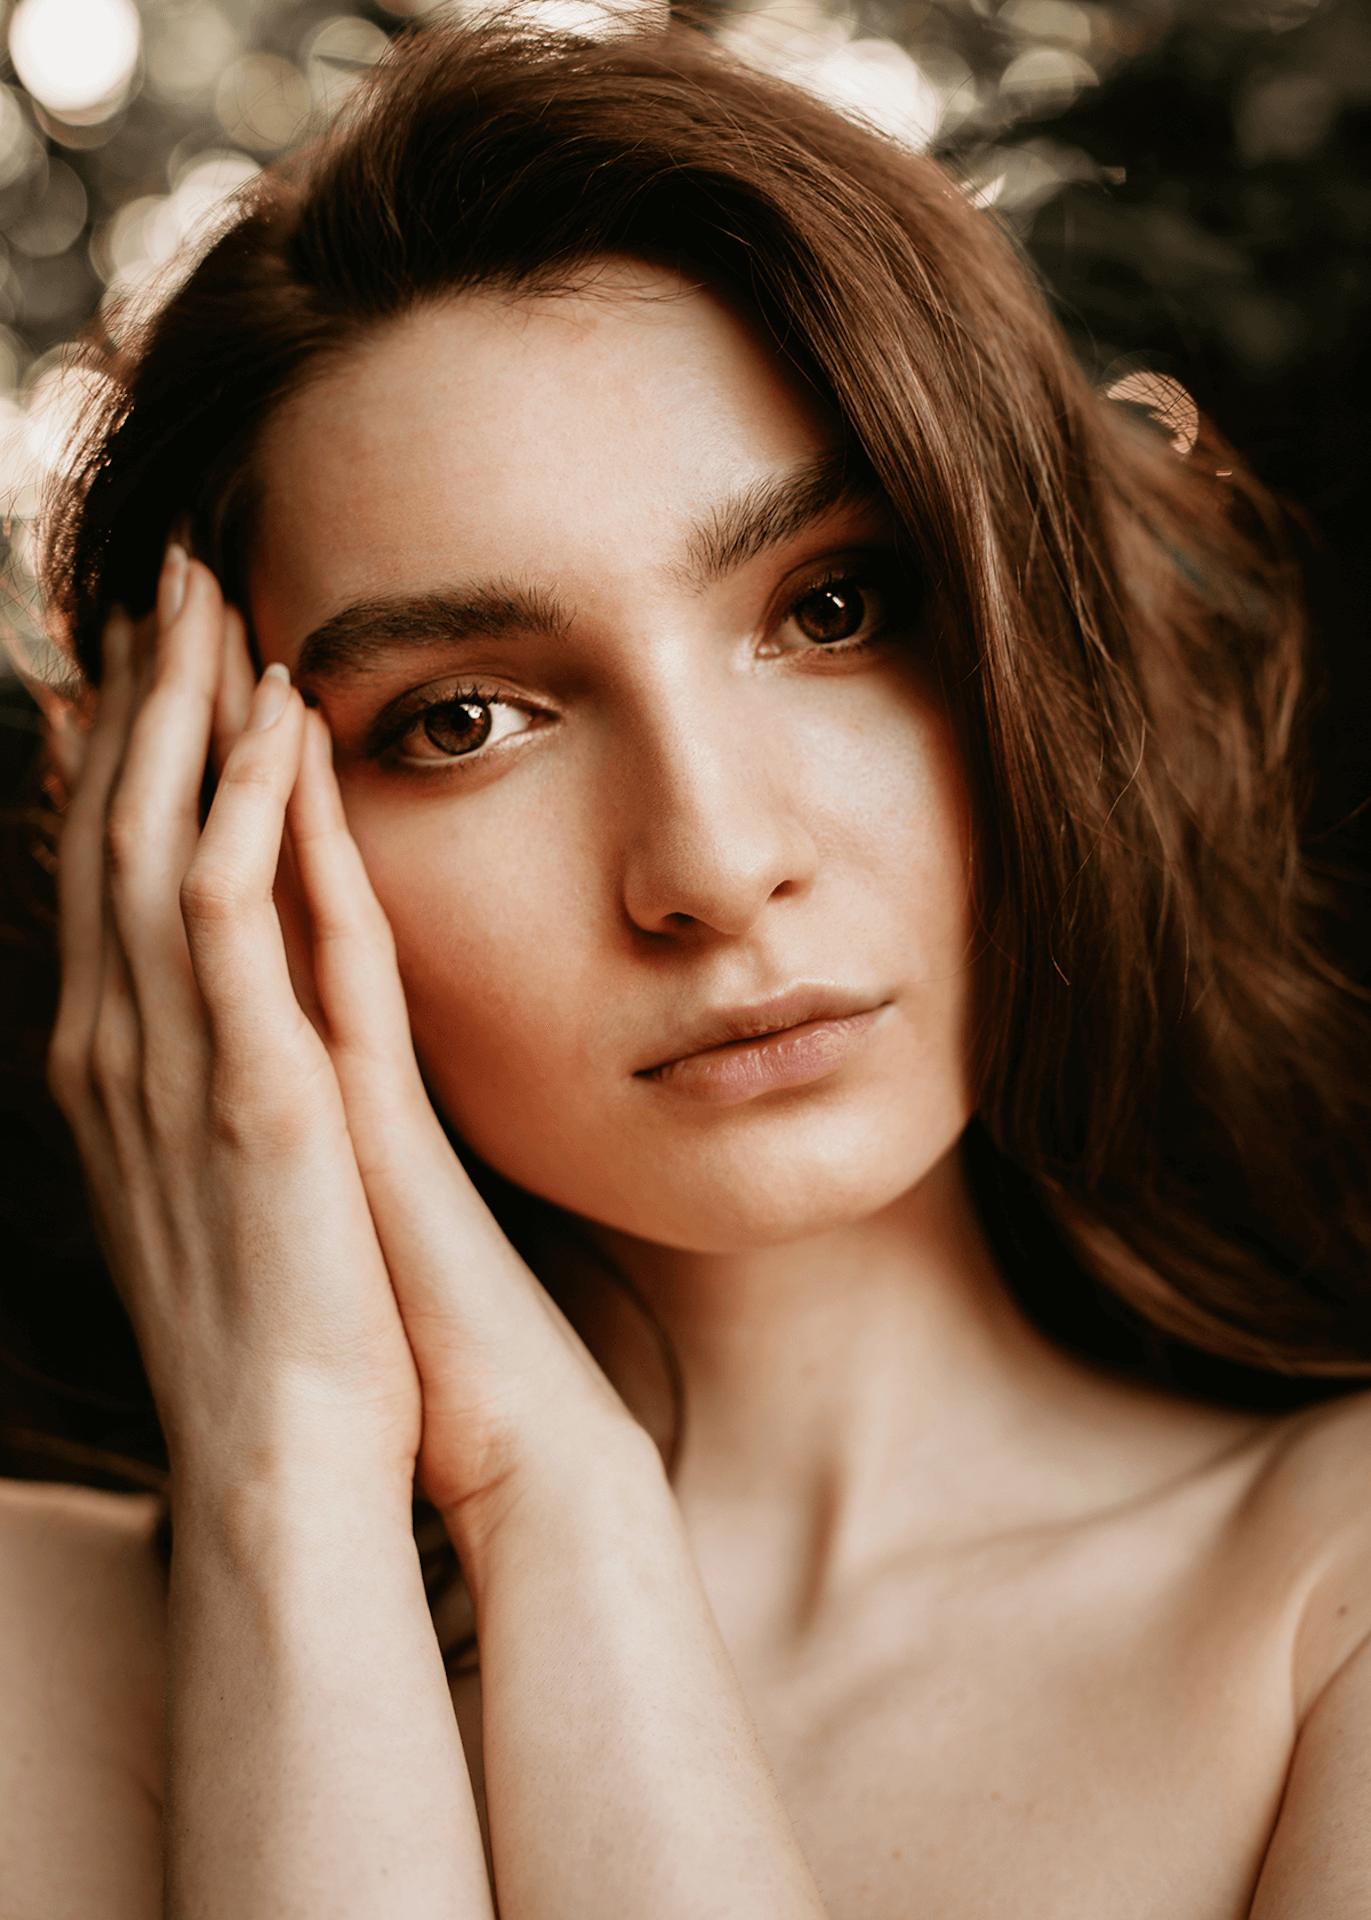 Piękny portret kobiecy